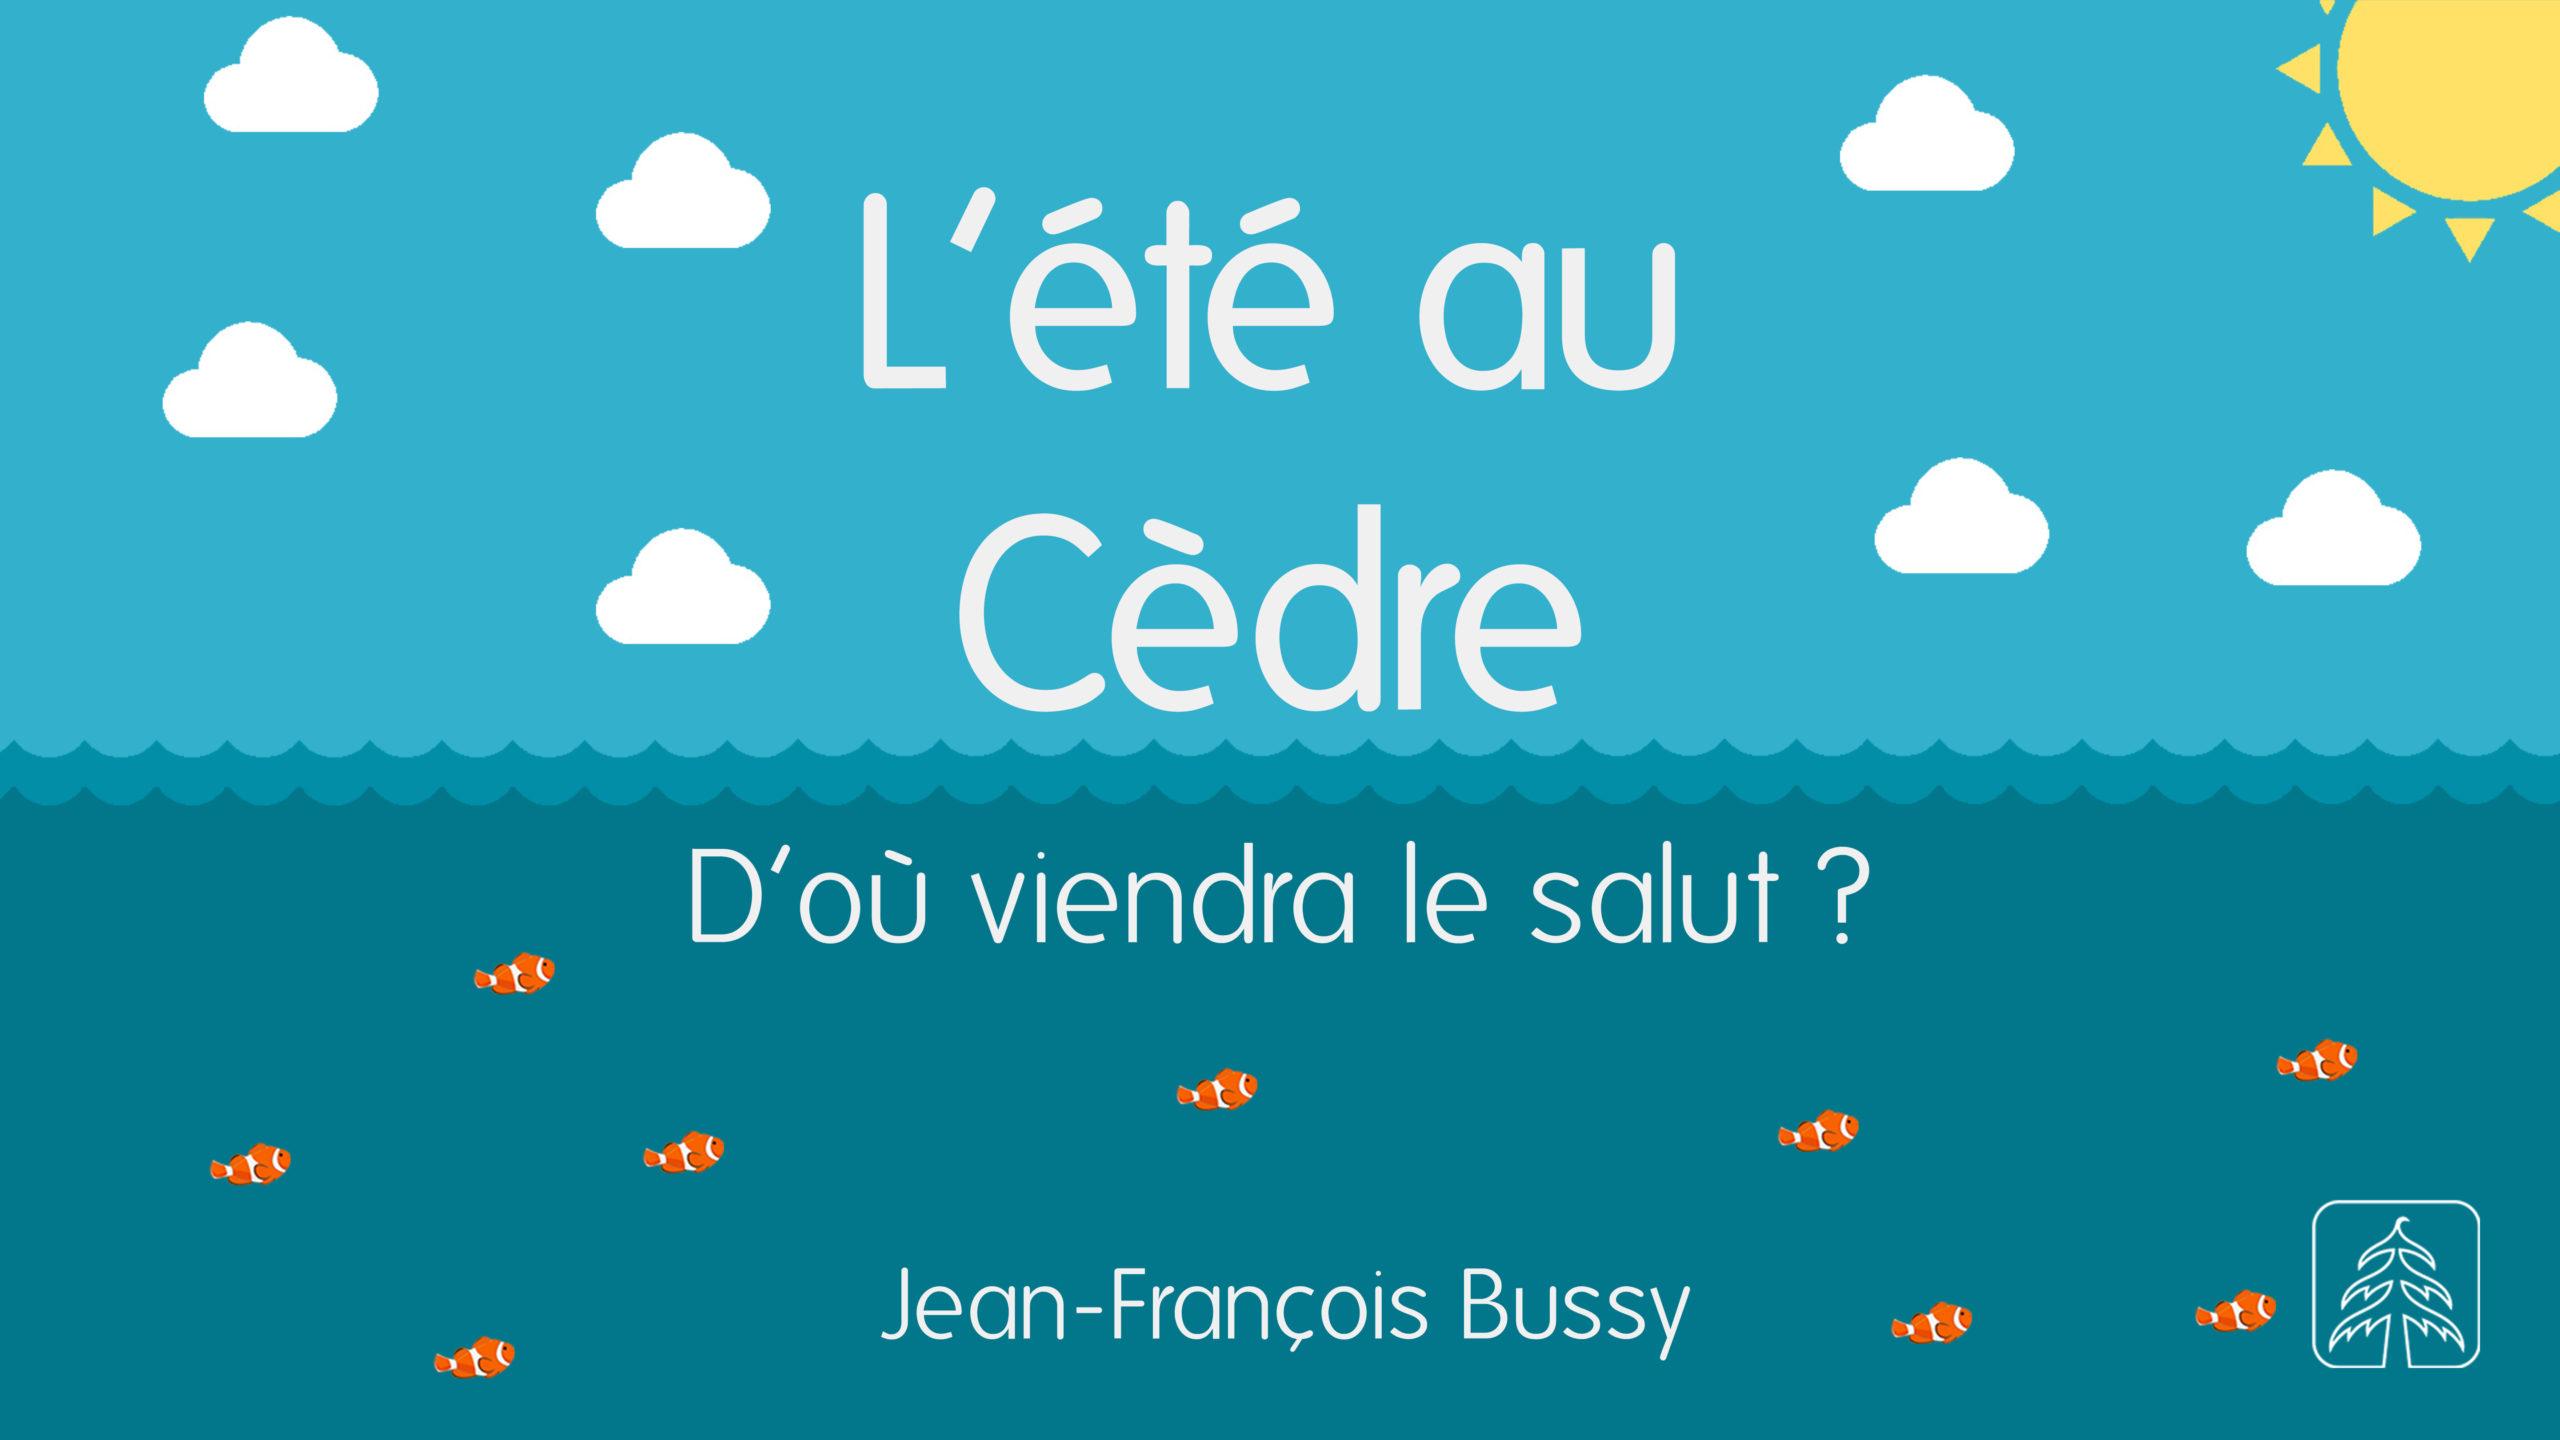 D'où viendra le salut _ _ 18 juillet 2021 _ Jean-François Bussy